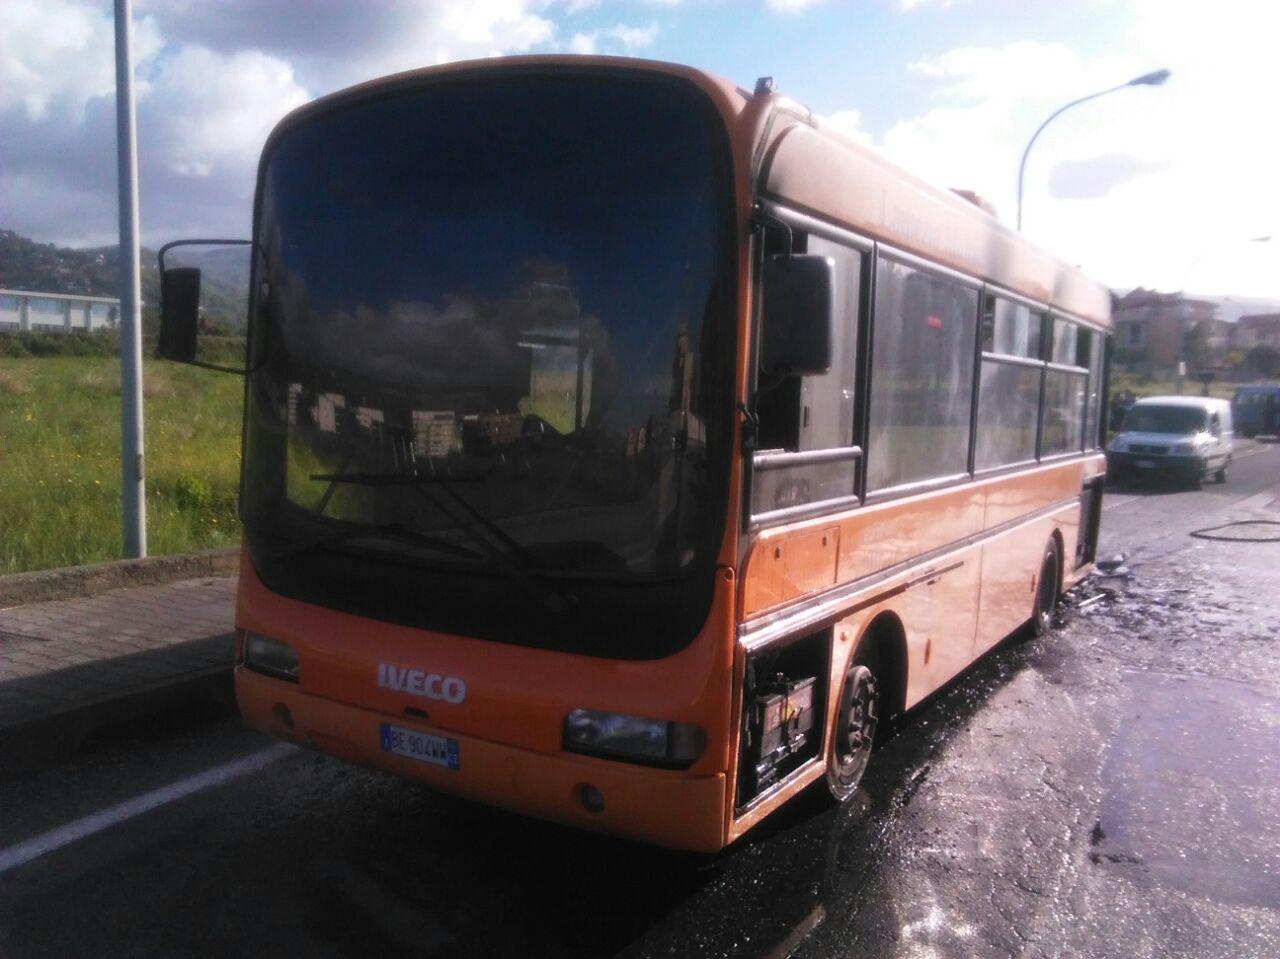 FOTO - Autobus in fiamme a LameziaIlleso l'autista, probabile cortocircuito